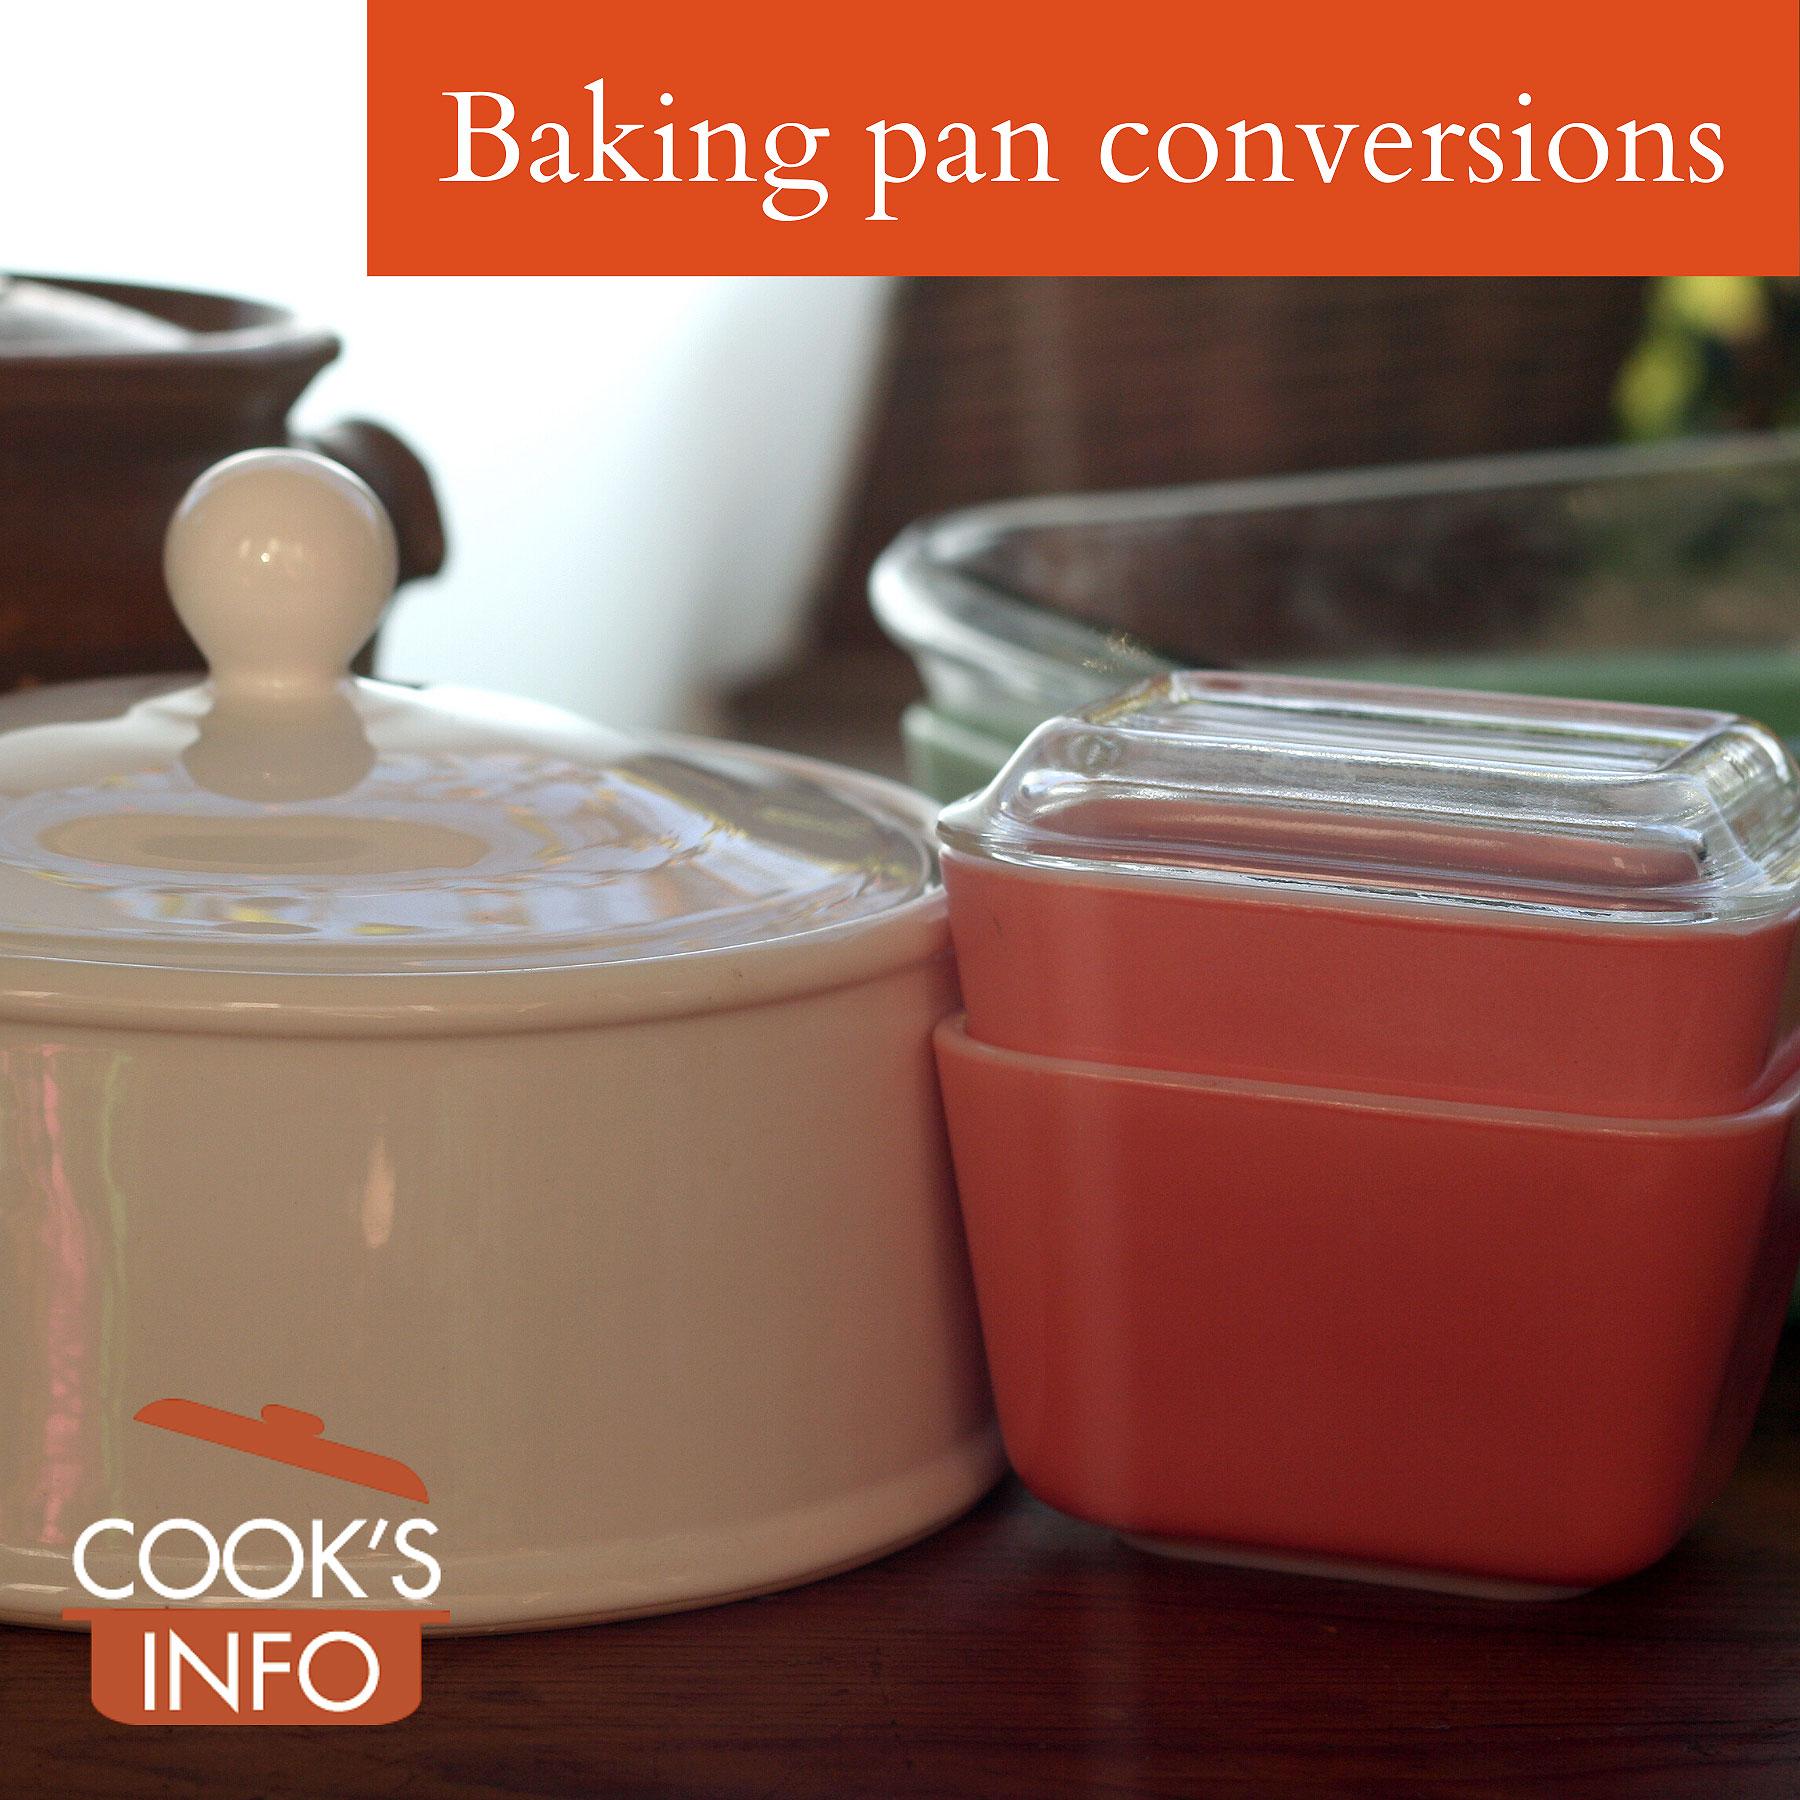 Baking pan conversions.